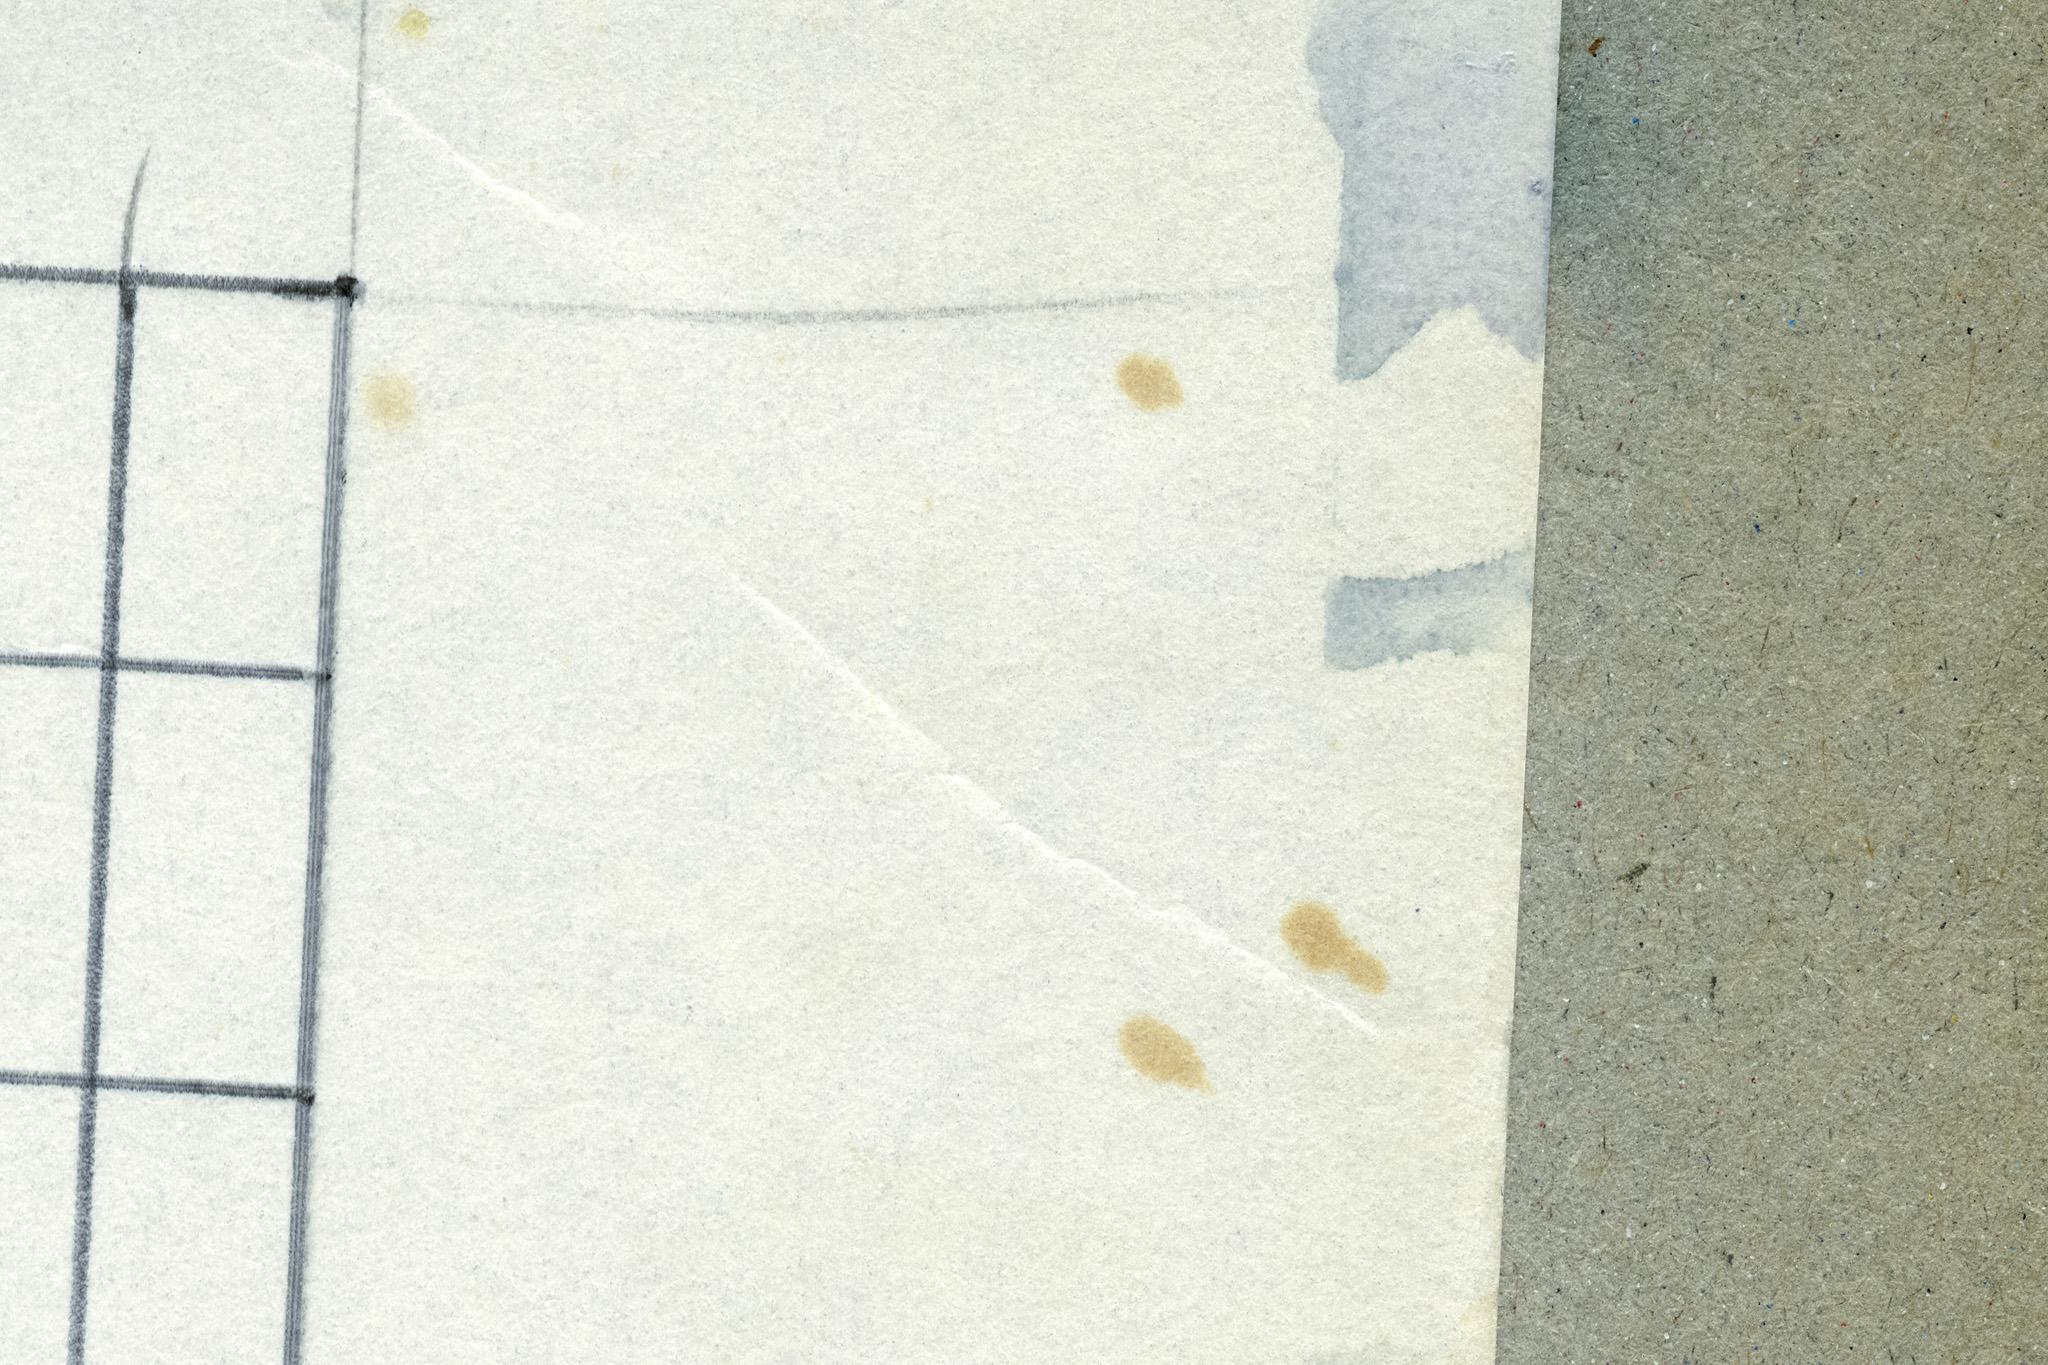 「マジックやインクの染みのある紙」